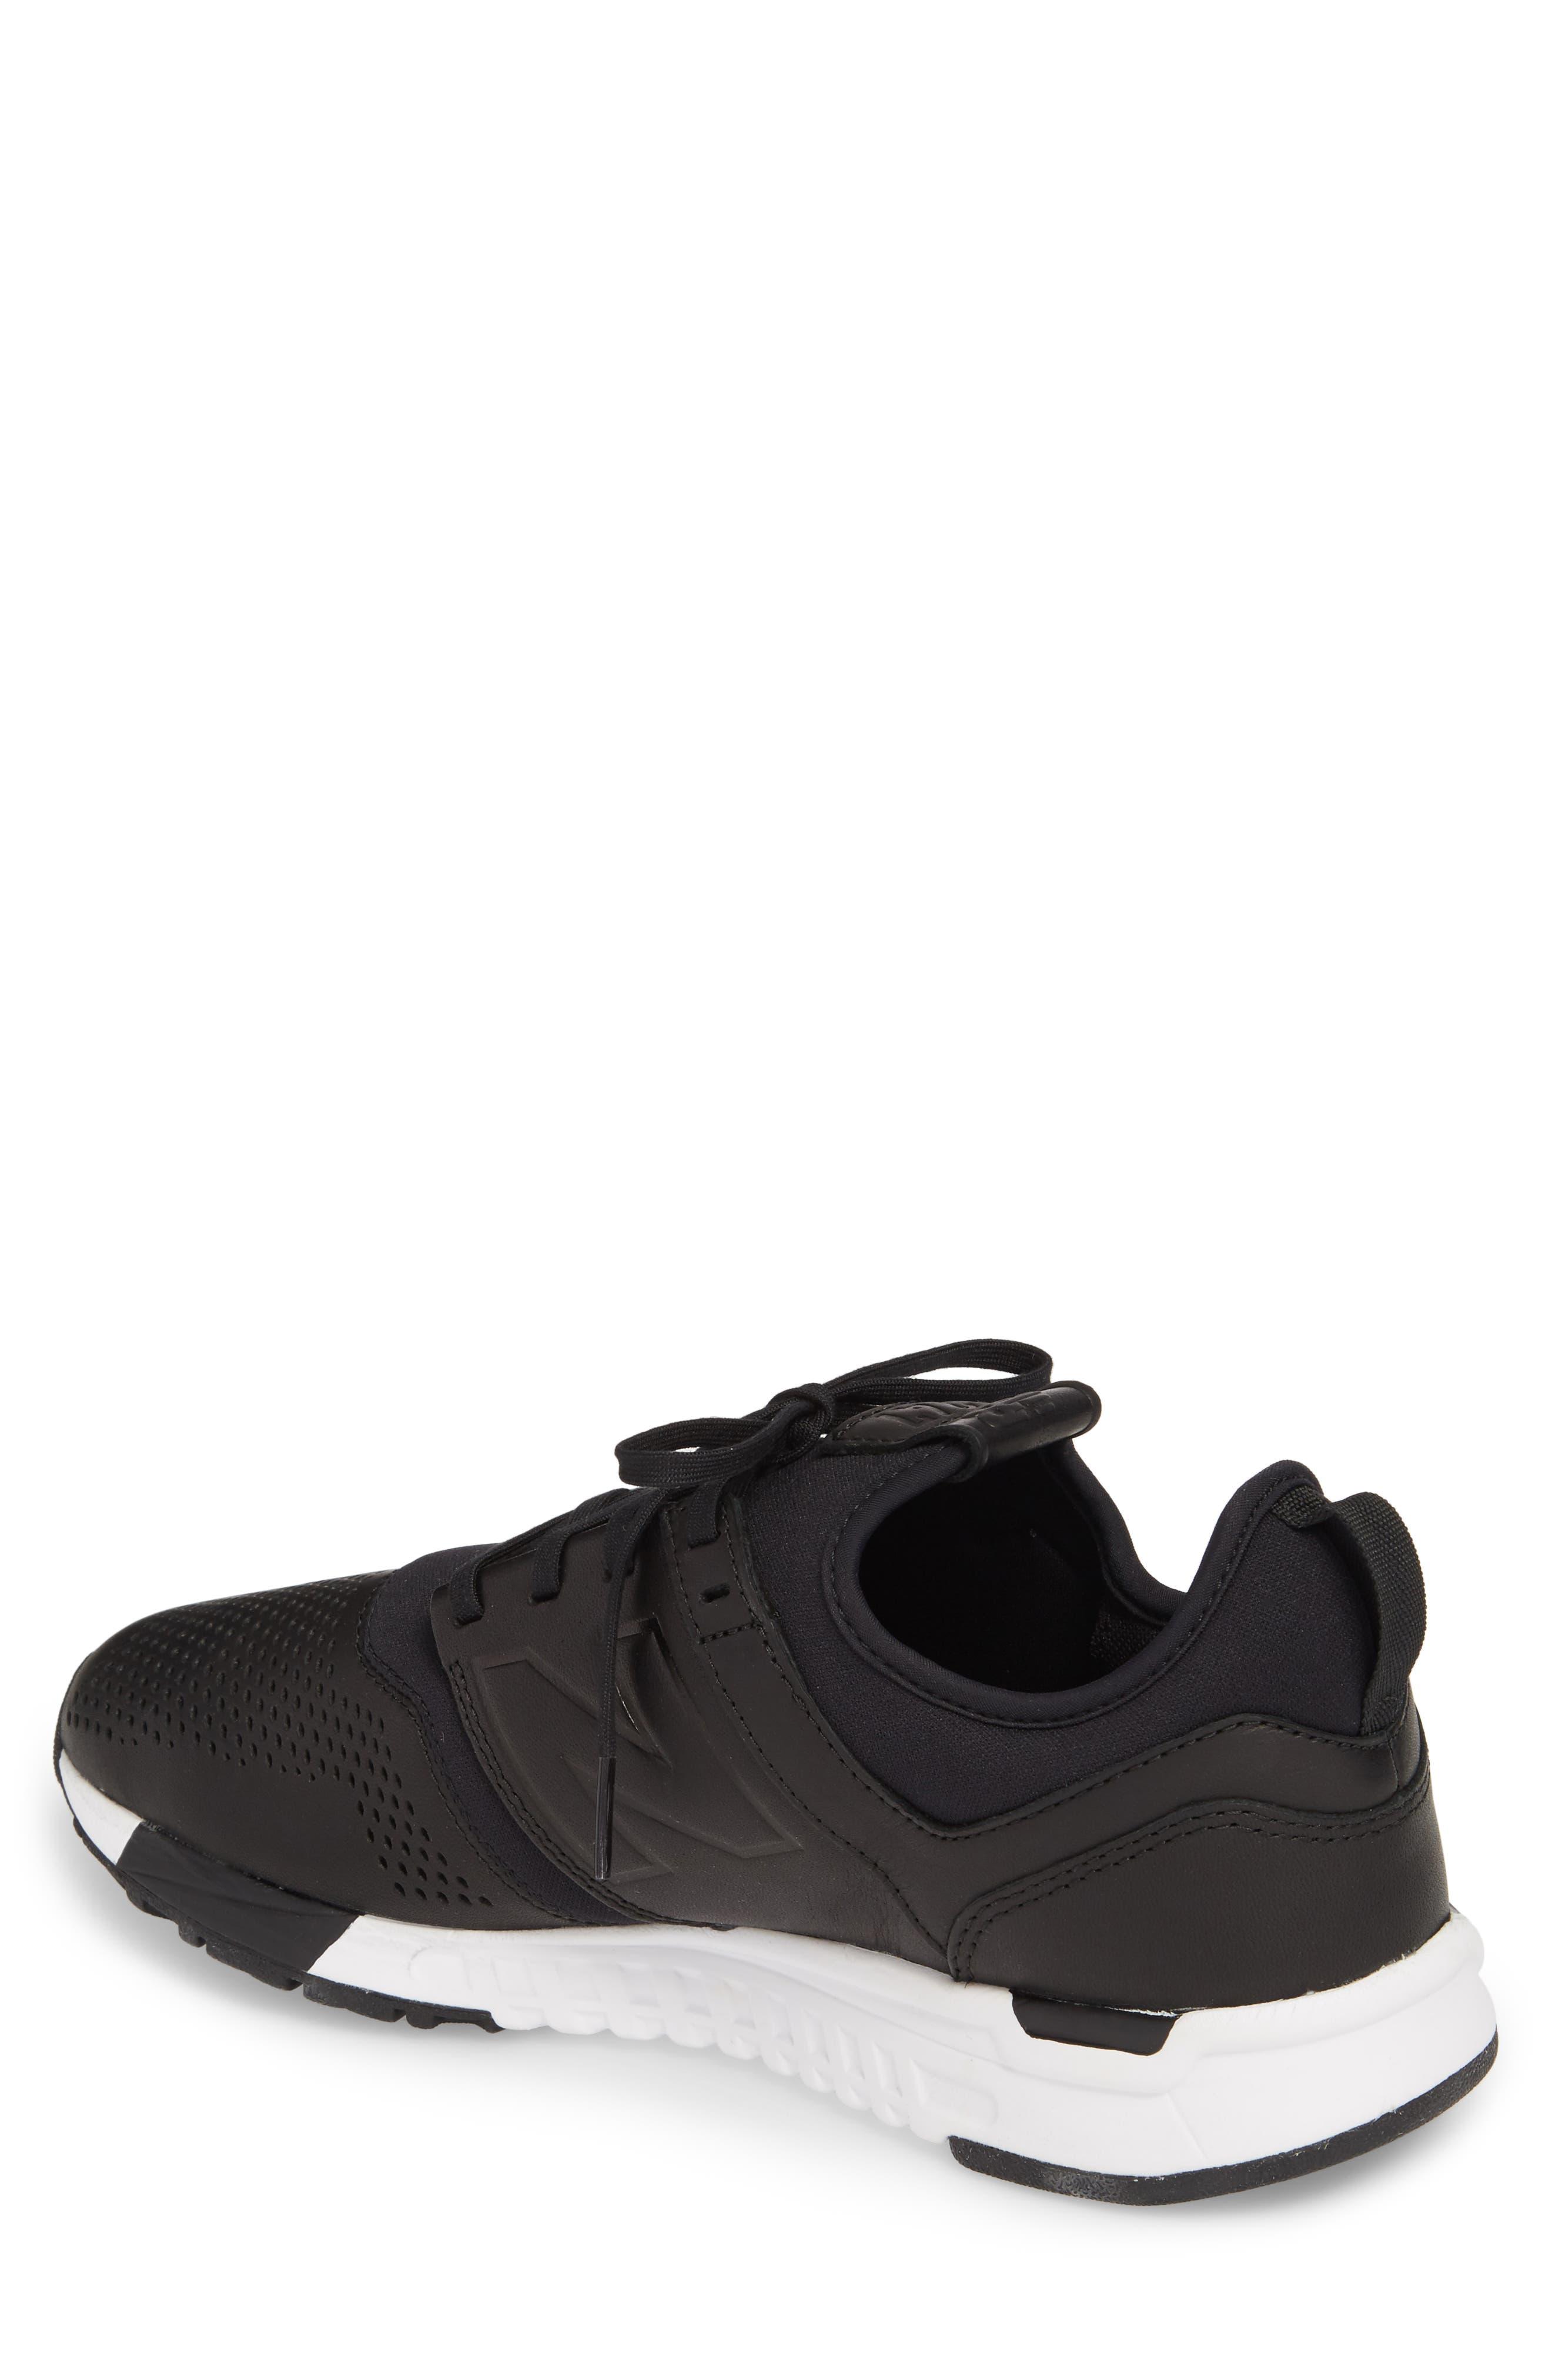 Alternate Image 2  - New Balance MRL247 Sneaker (Men)